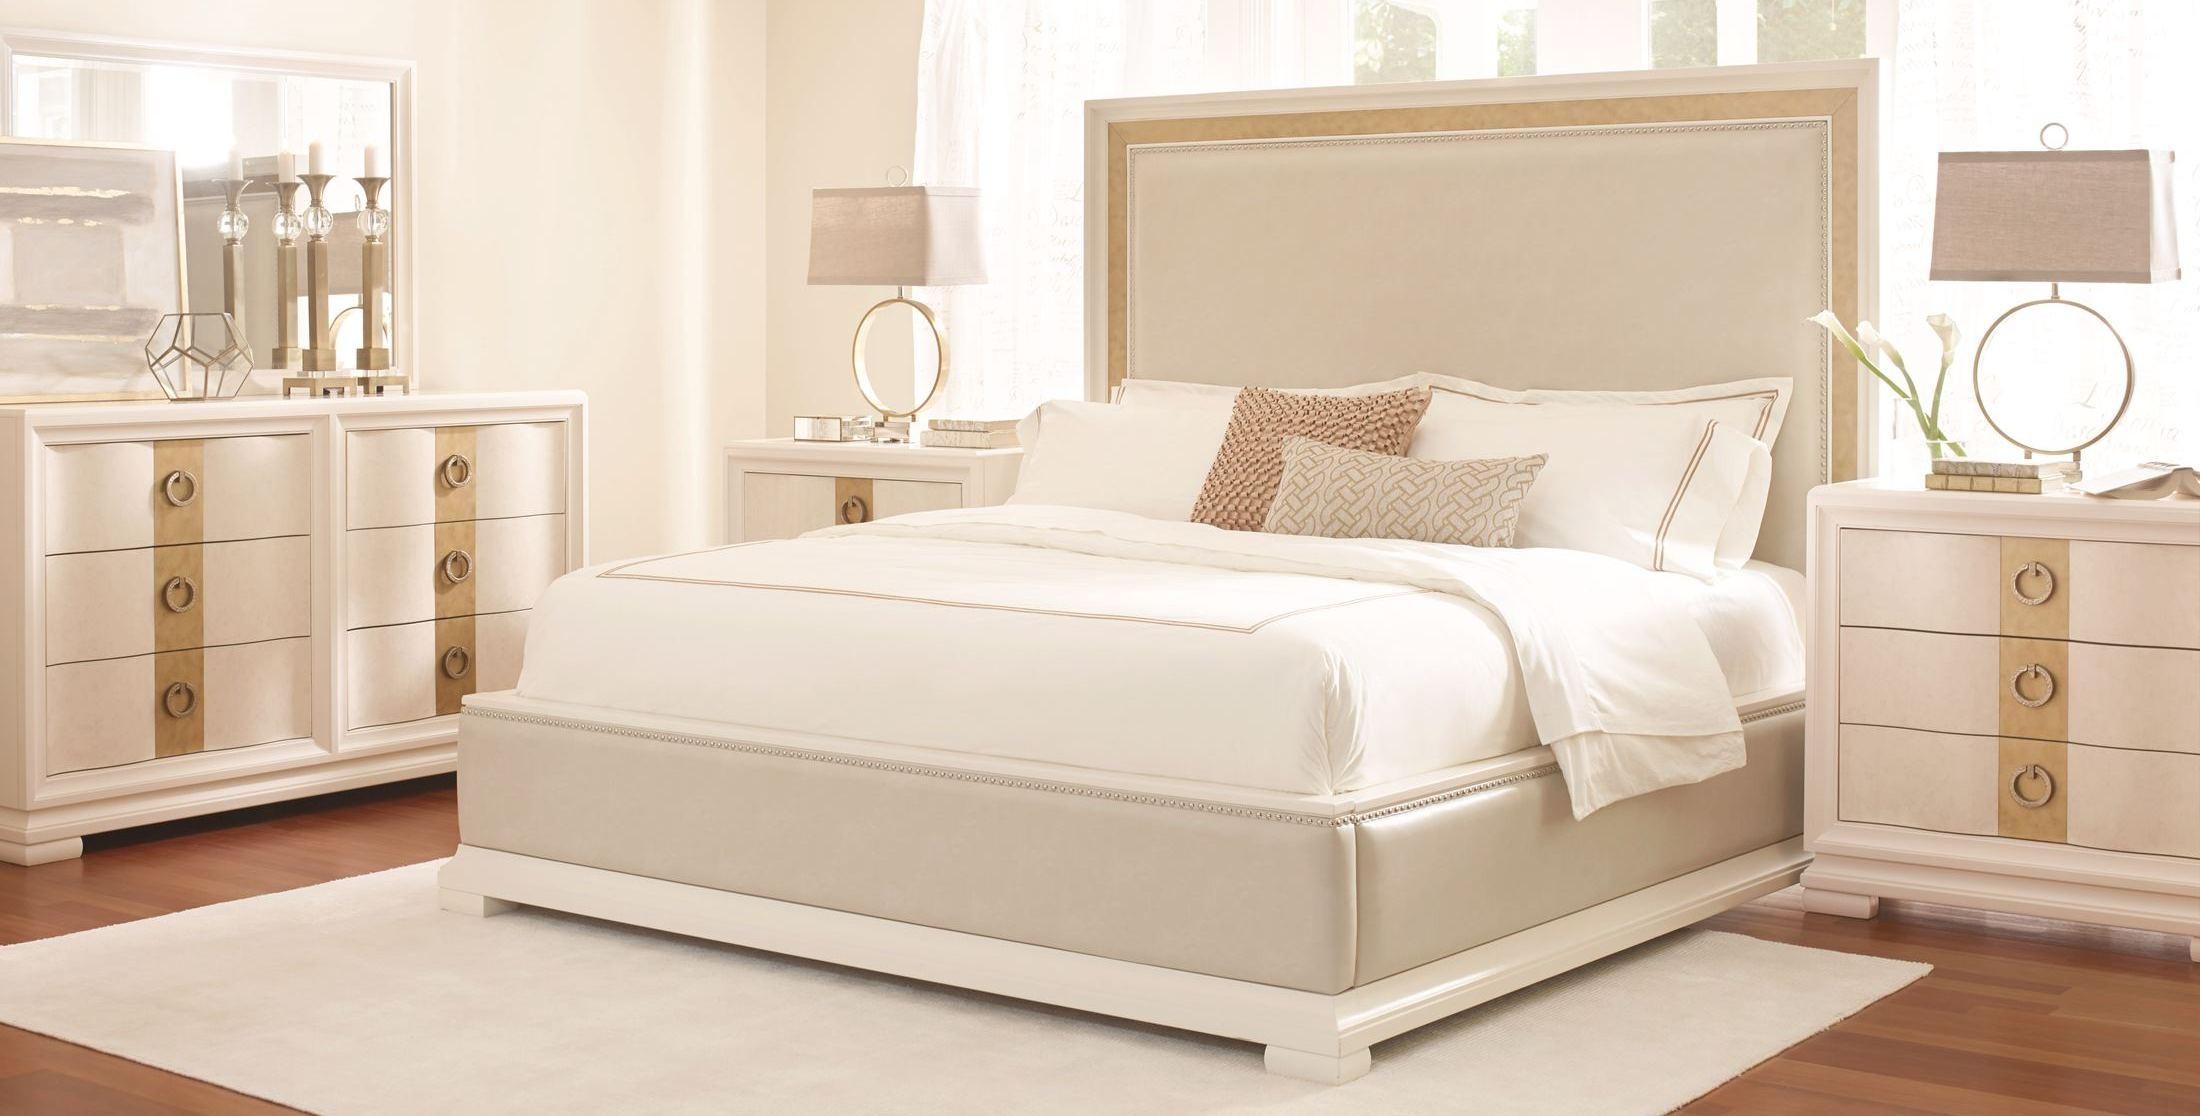 Platform bedroom suites 28 images platform jarrah for Taylor j bedroom furniture